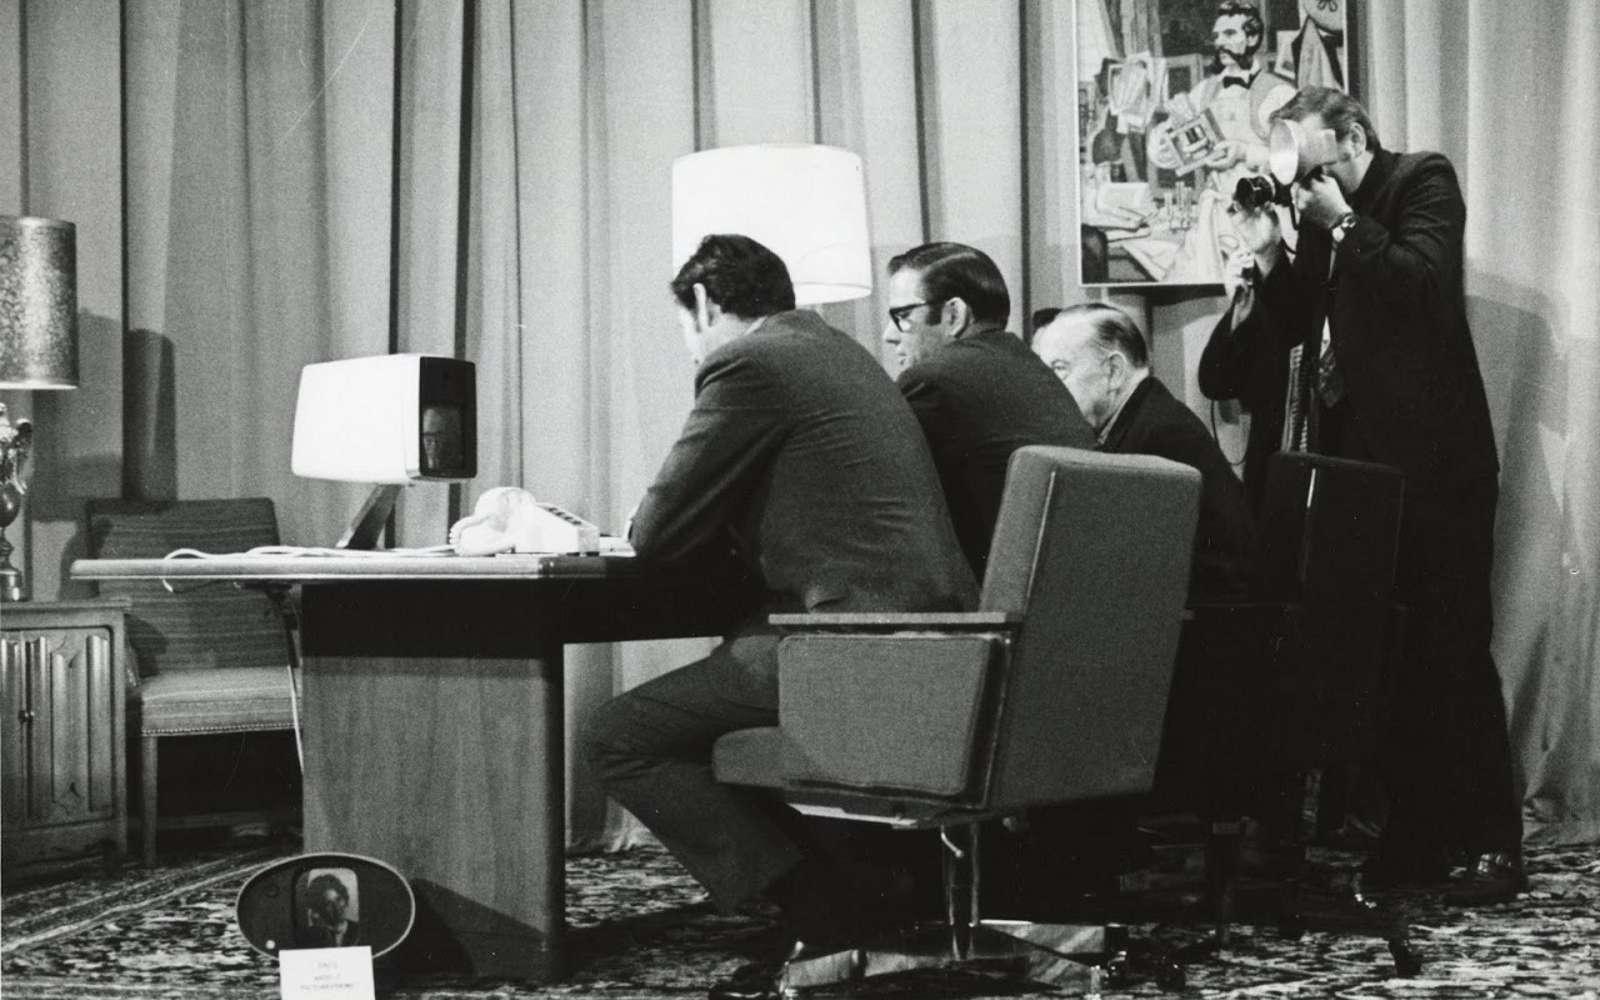 Le 30 juin 1970 AT&T lançait le Picturephone II, le premier appareil de visioconférence grand public. © Université de Carnegie Mellon